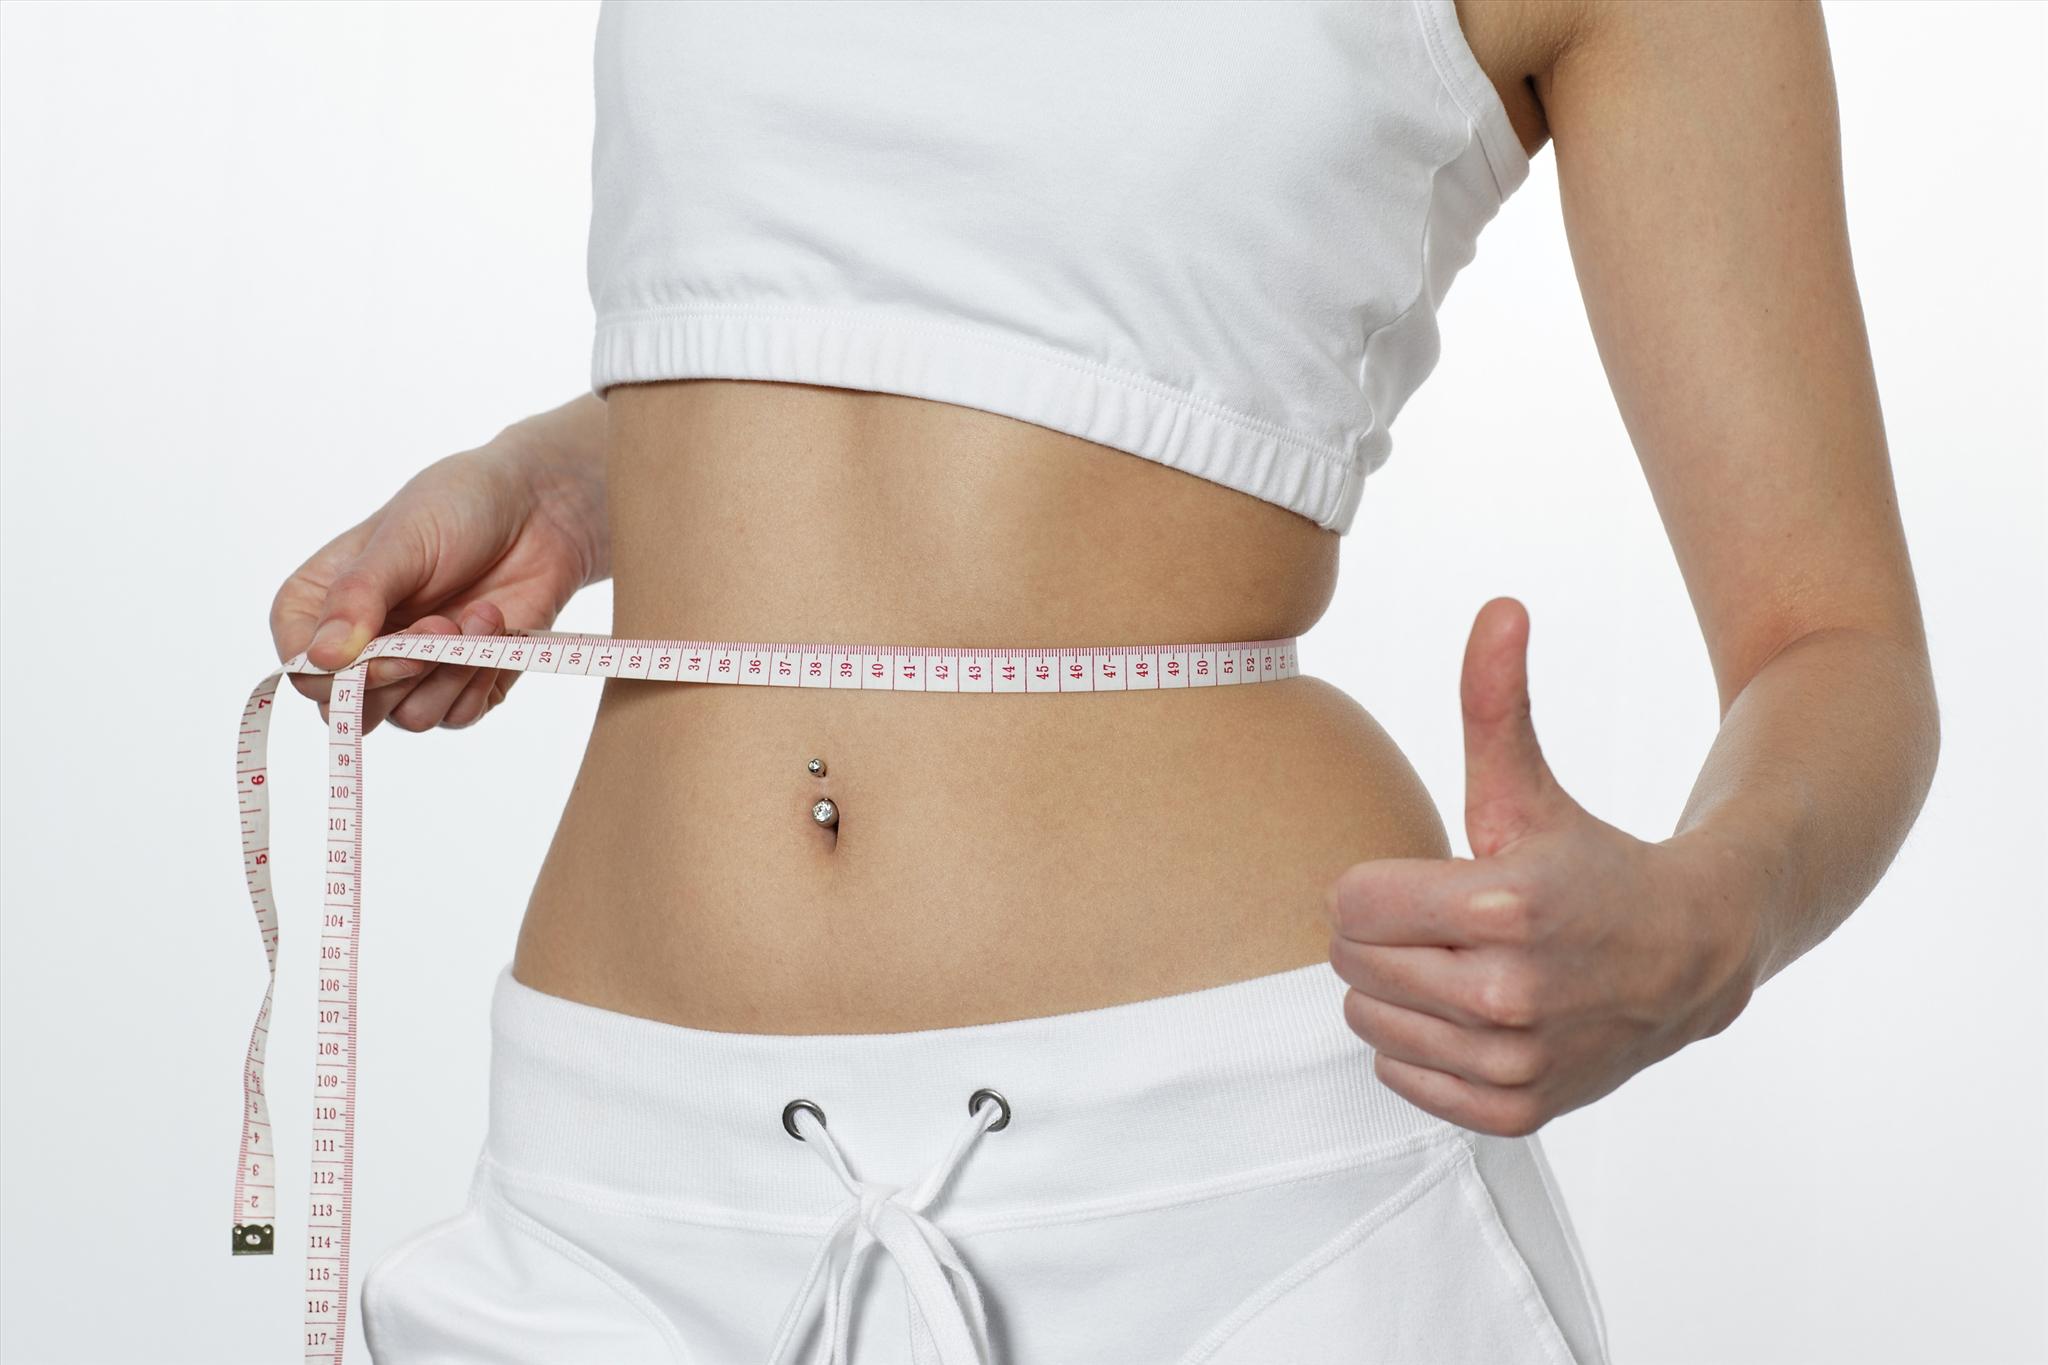 Как Похудеть Правильно Навсегда И Быстро. 51 способ с чего начать похудение прямо сейчас